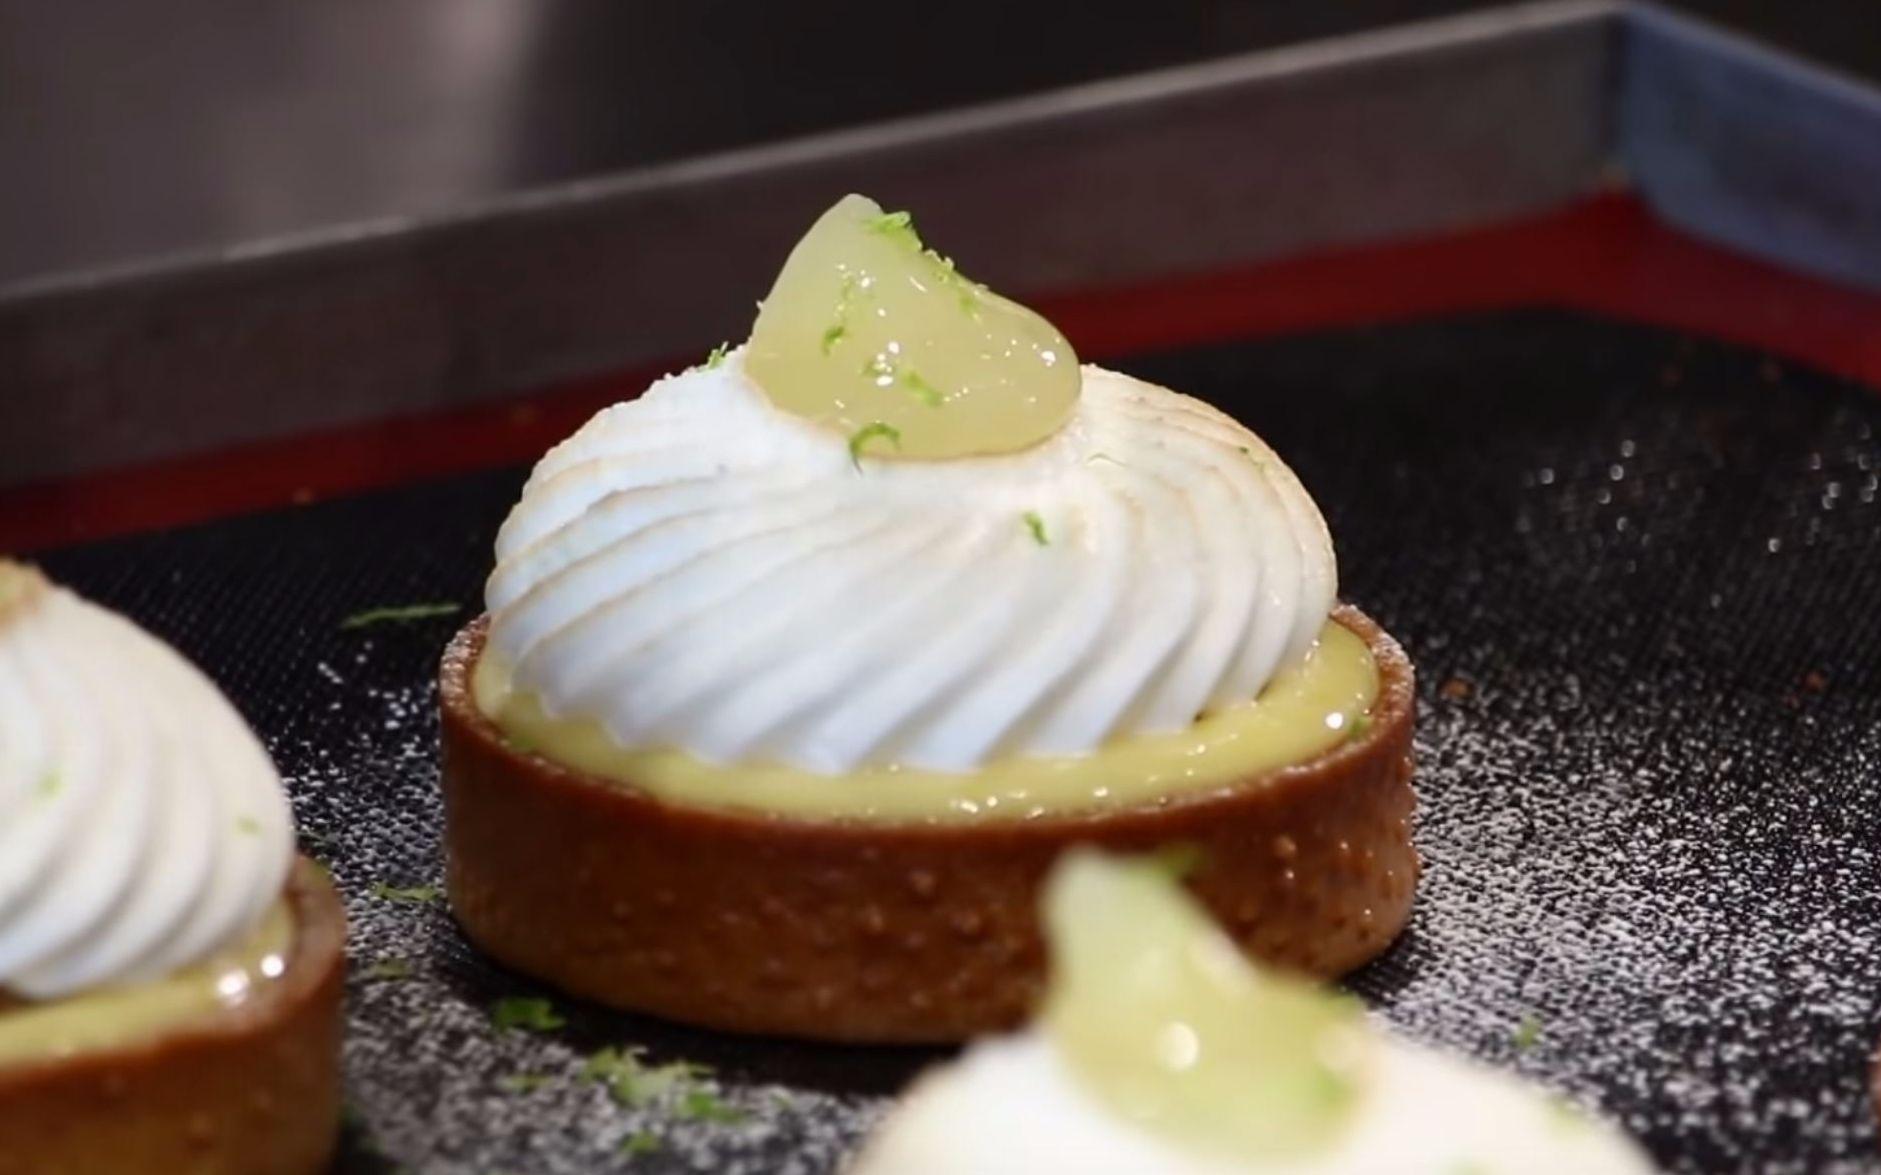 法国甜点大师MOF教你制作经典柠檬塔